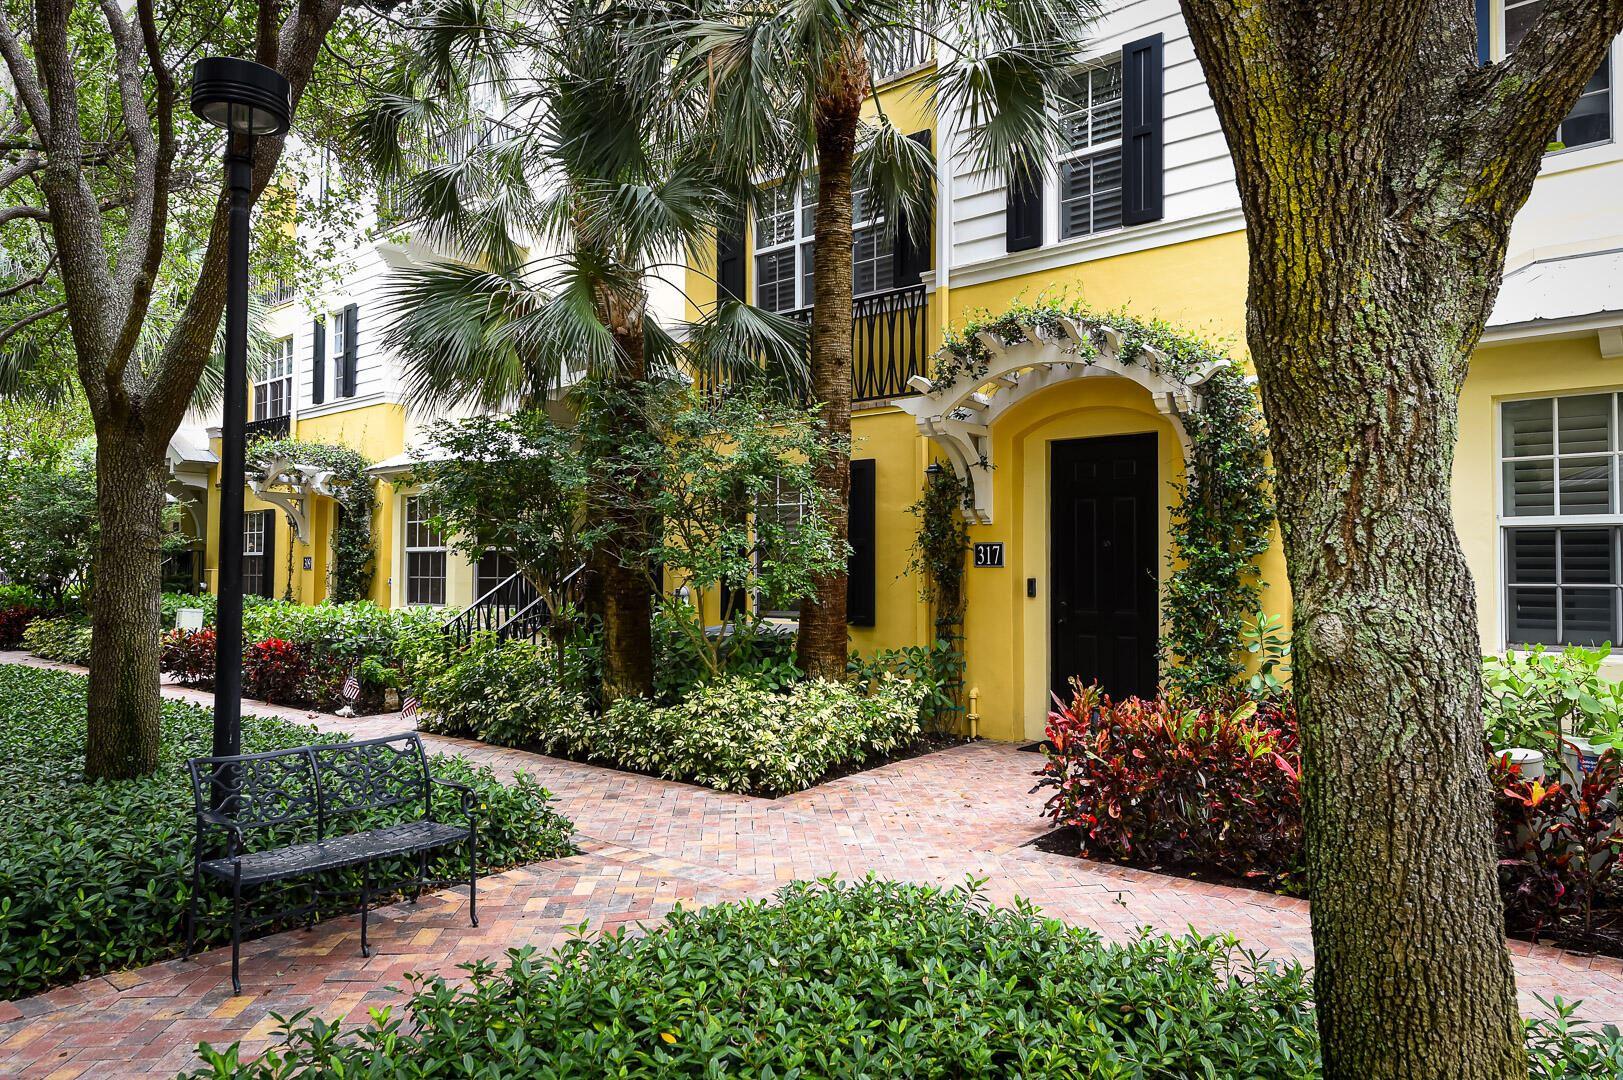 317 S Bromeliad, West Palm Beach, FL 33401 - MLS#: RX-10737014